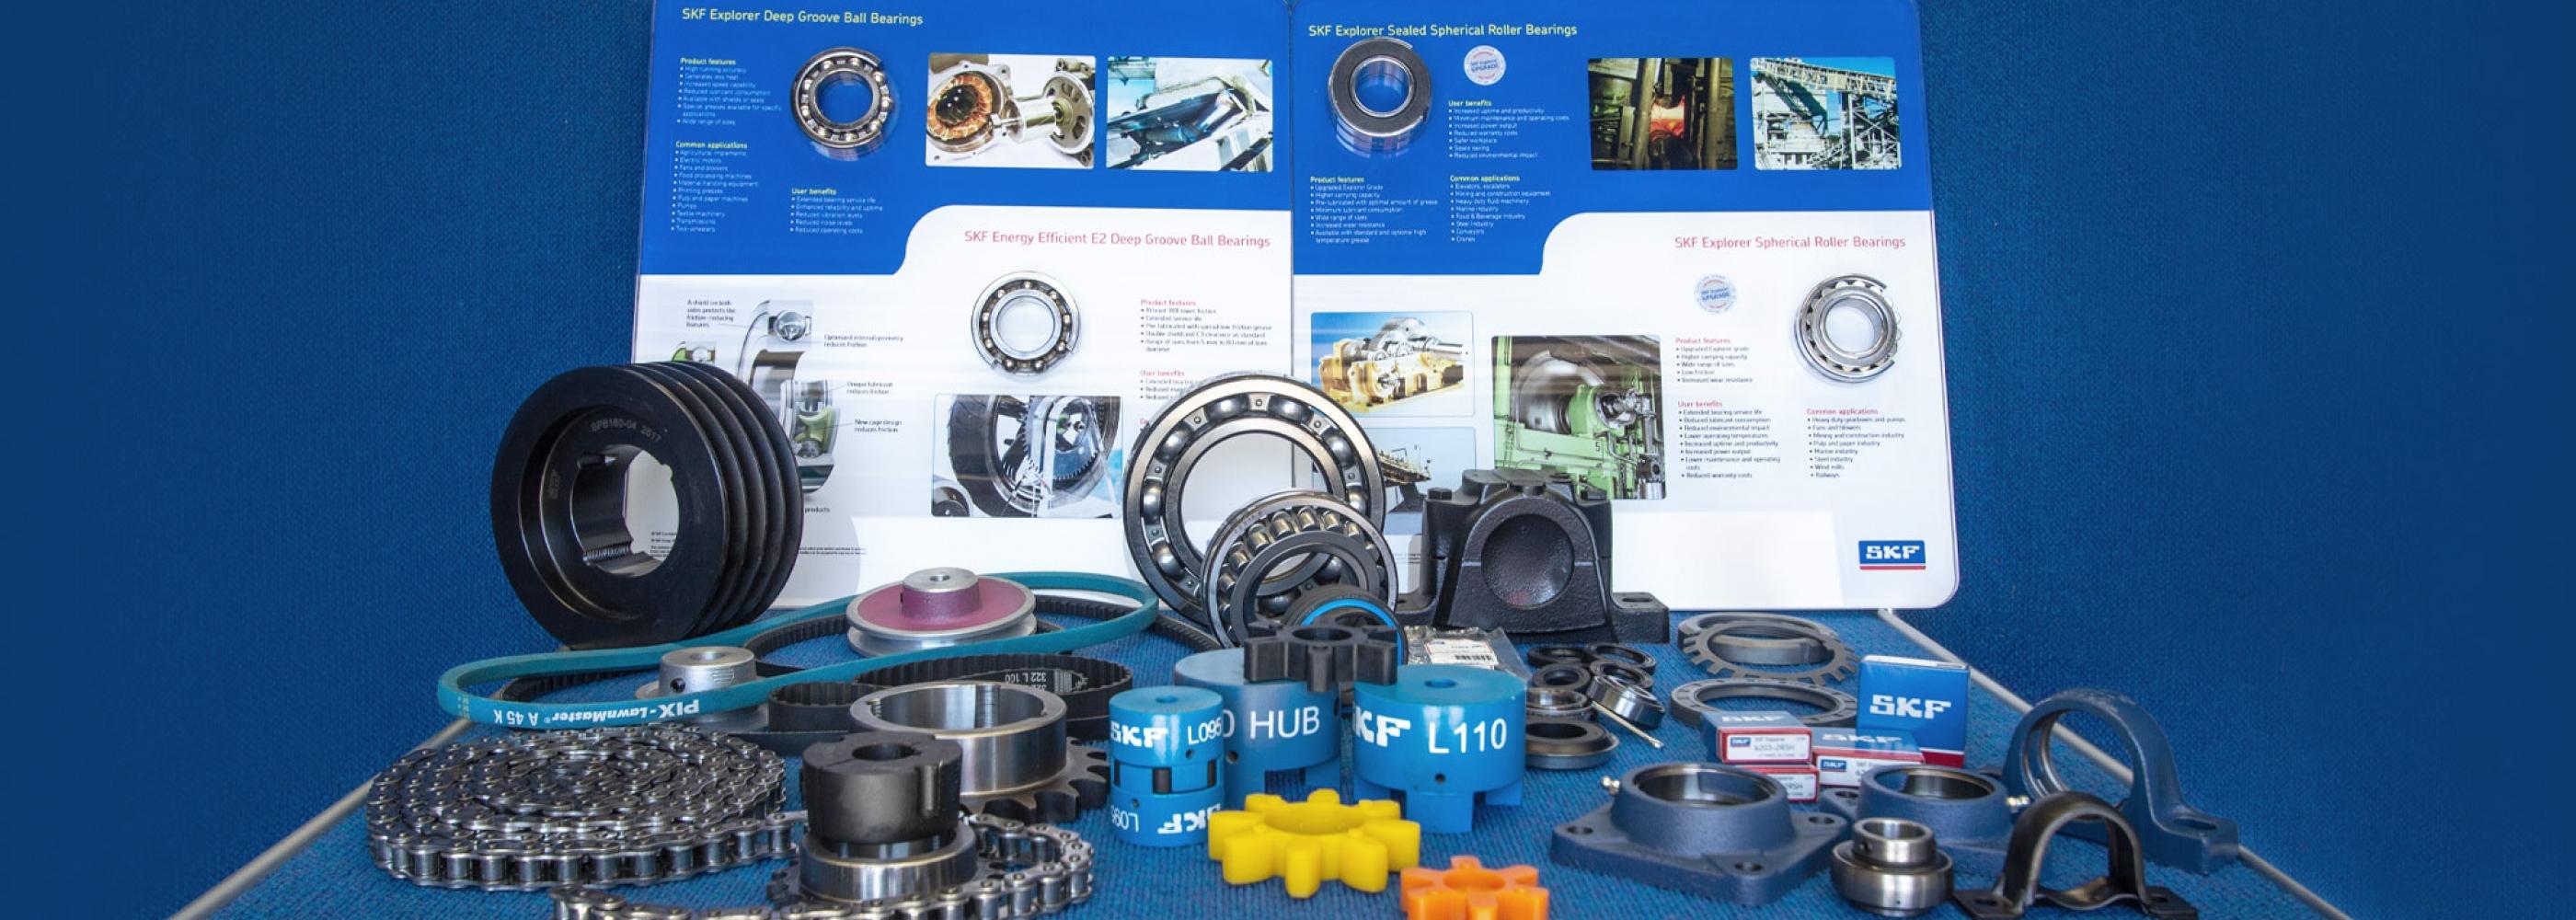 GippslandBearingSupplies-Home-slide-gears